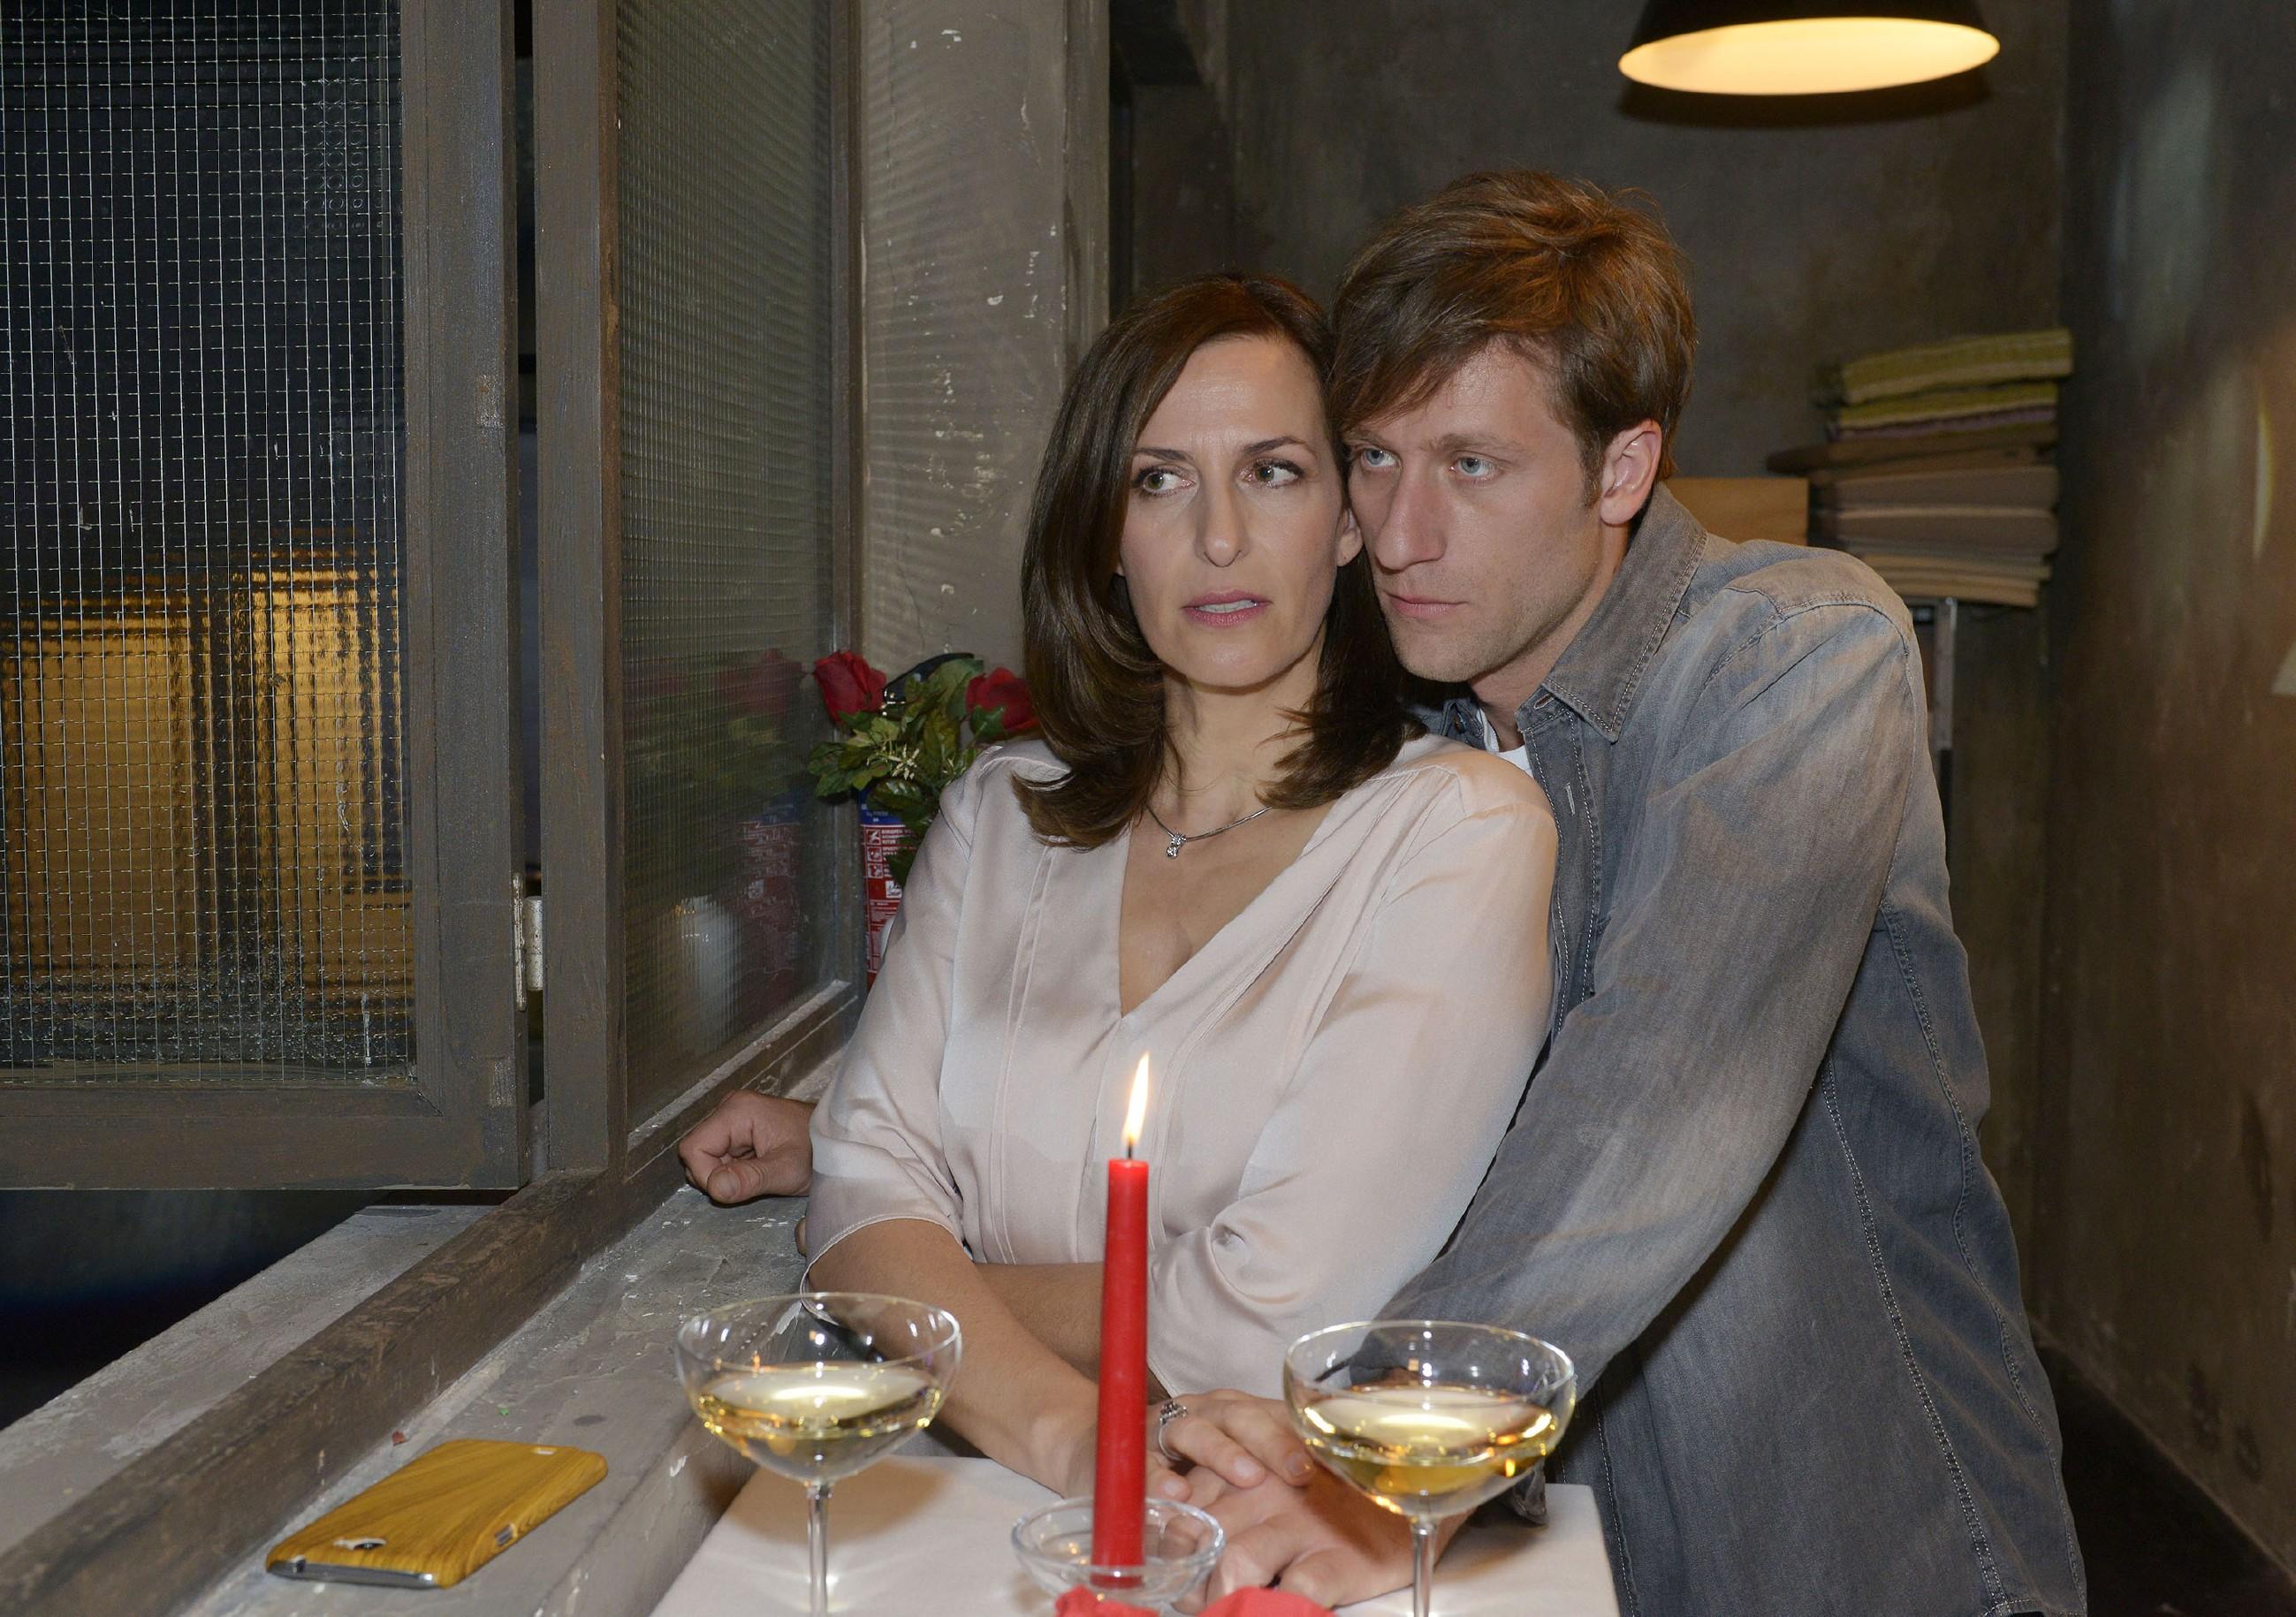 Katrin (Ulrike Frank) verbirgt vor Till (Merlin Leonhardt), wie viel Arbeit sie bei KFI hat, und lässt sich von ihm zu einer romantischen Überraschung ins Mauerwerk entführen. (Quelle: RTL / Rolf Baumgartner)